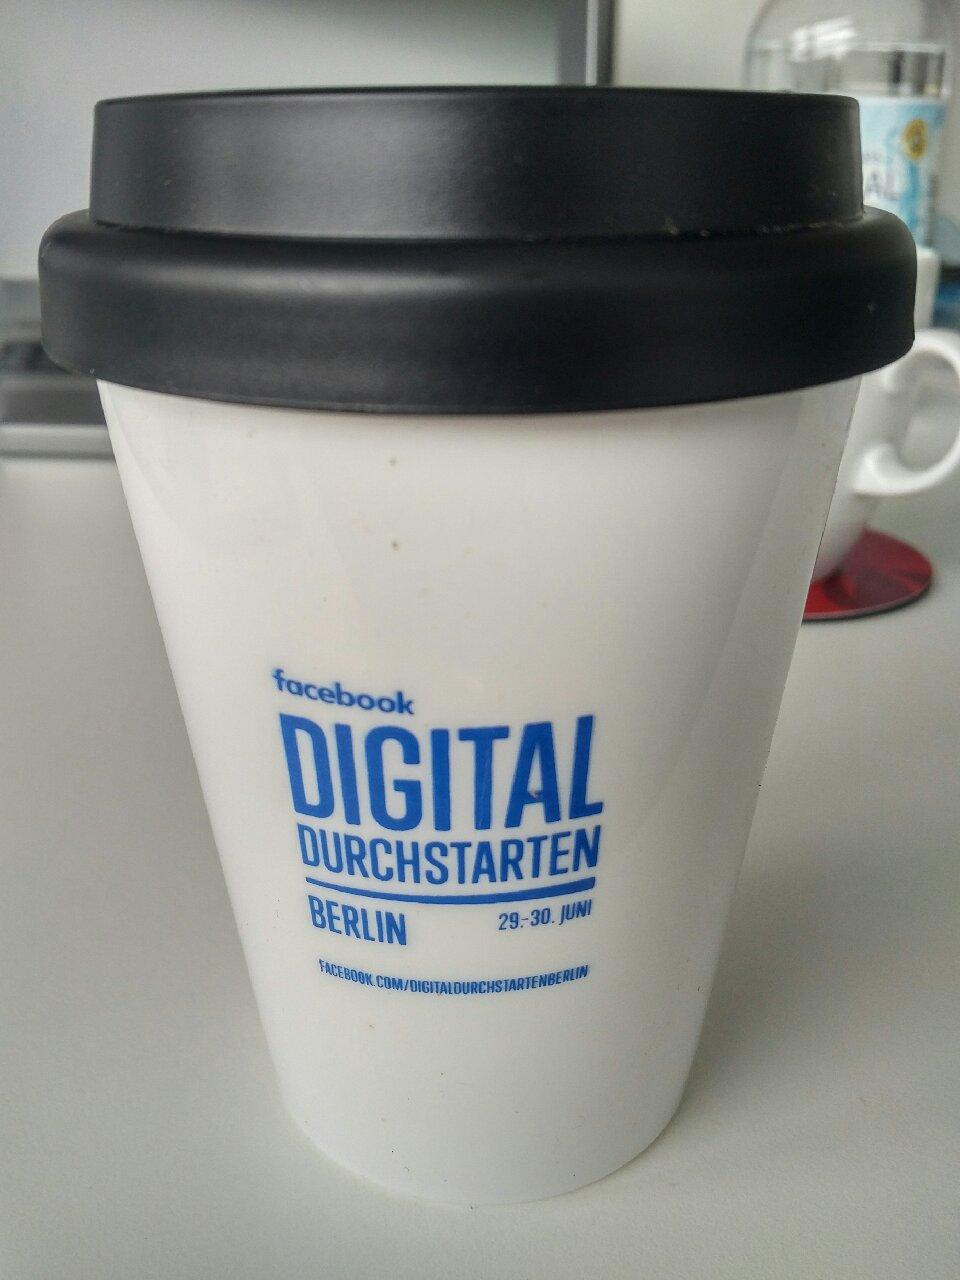 [LOKAL Berlin-Charlottenburg, BIKINI] Kaffee Gratis Aktion von Facebook (Promotion Digital Durchstarten Berlin)